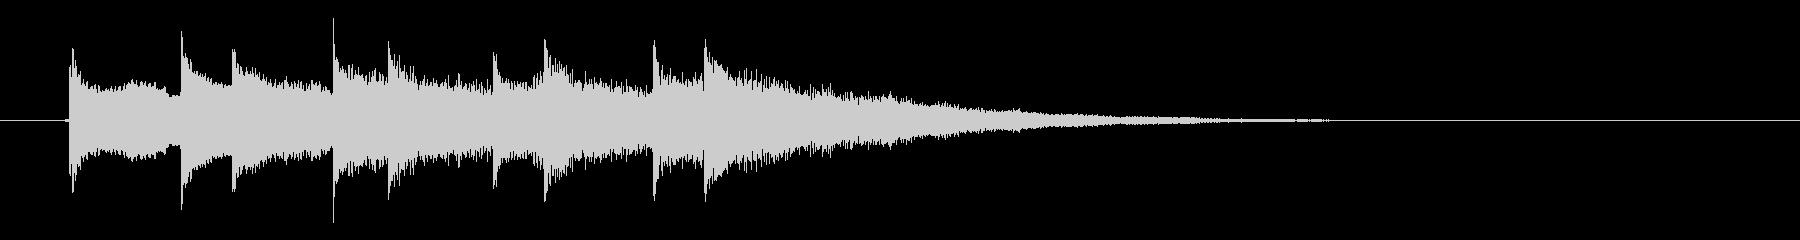 キラキラした金属音が音階を奏でる効果音の未再生の波形